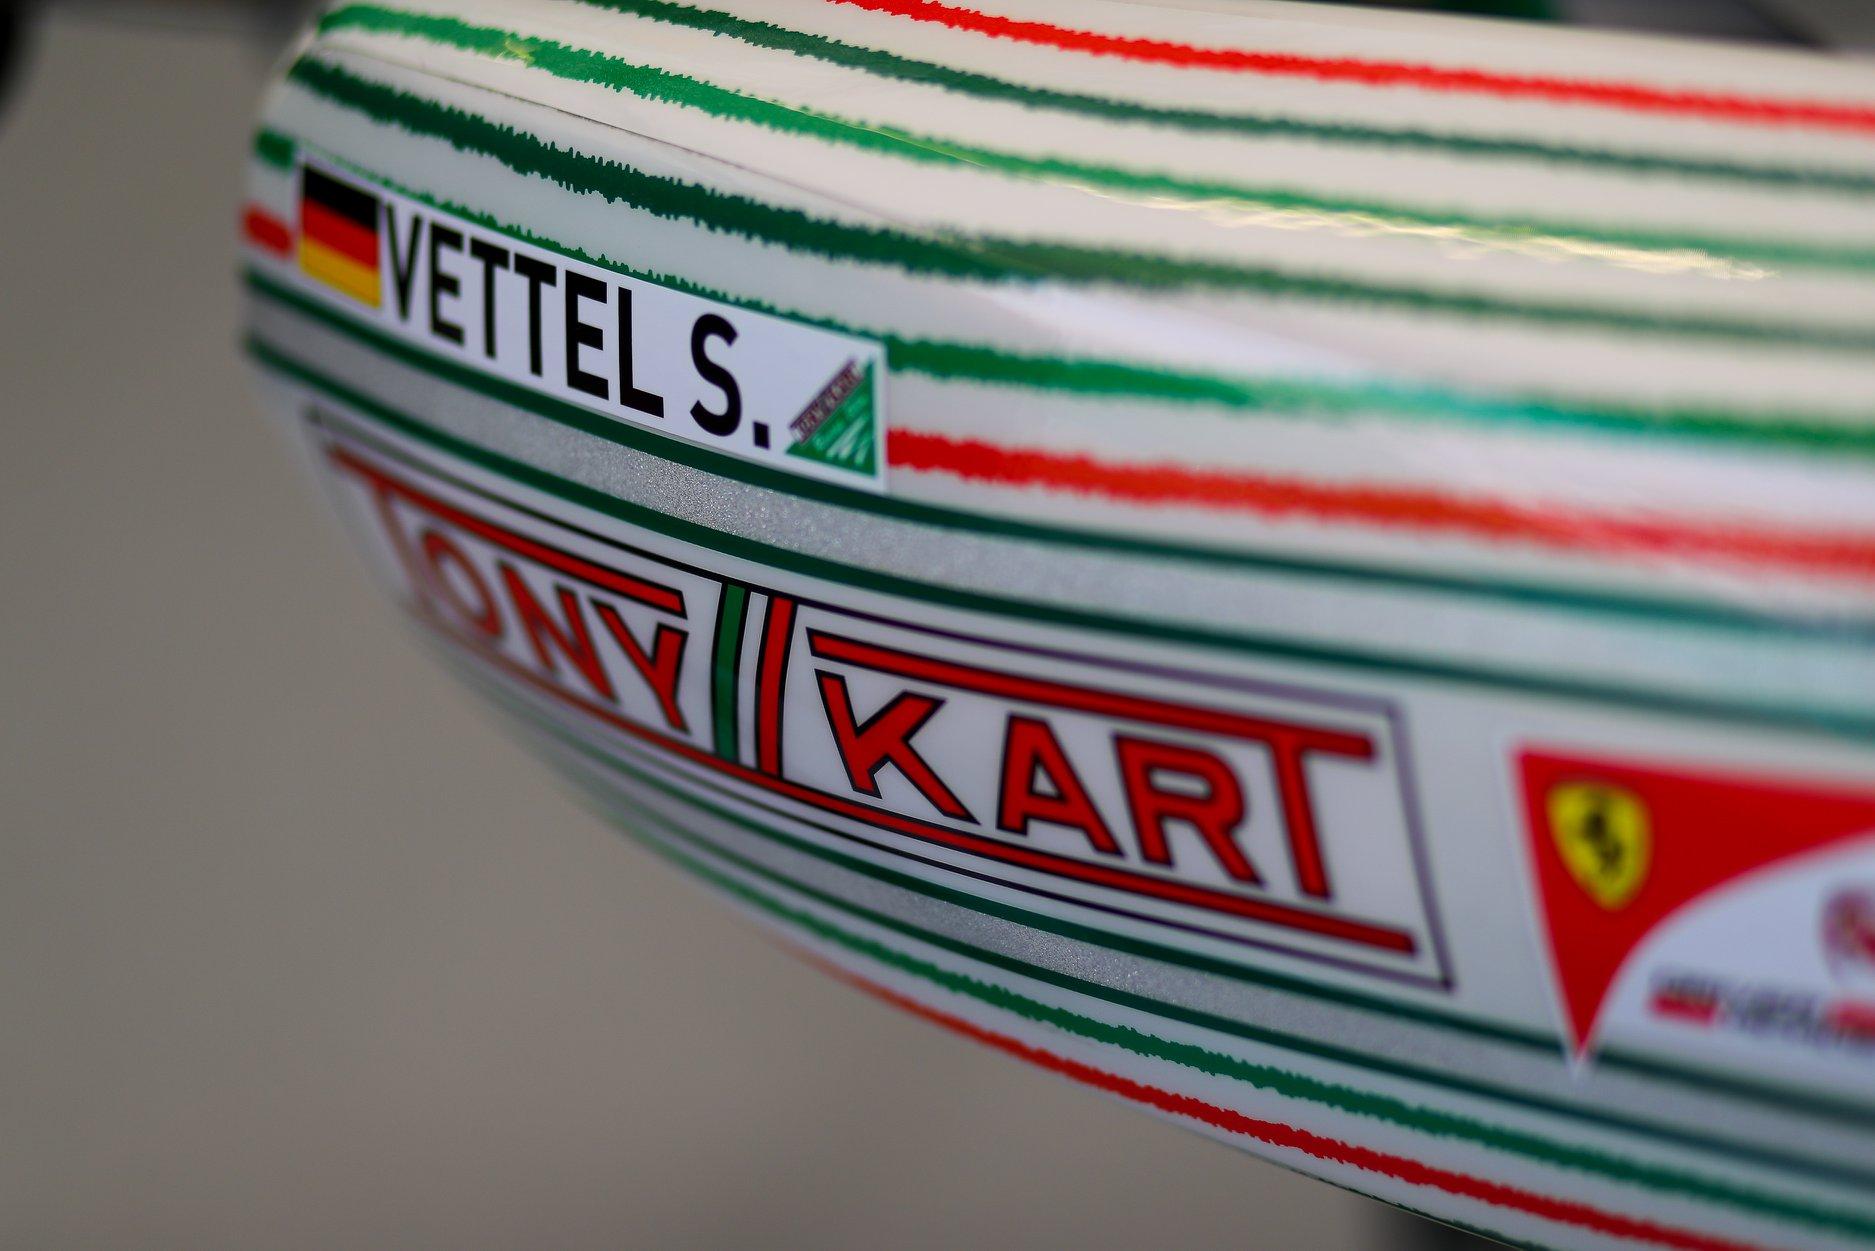 Sebastian_Vettel_testing_Tony_Kart_0014